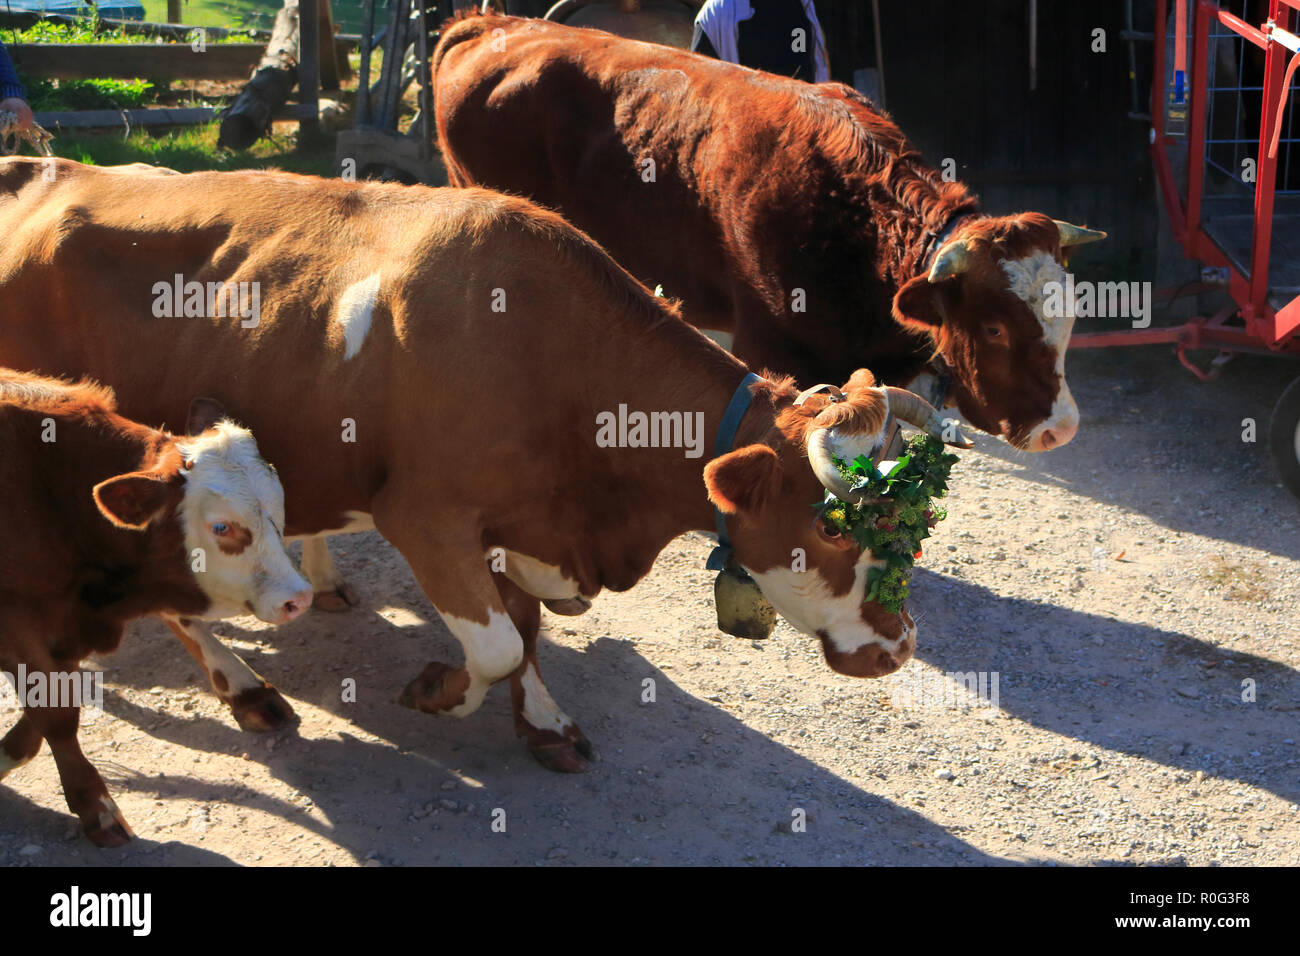 Rinder, Kühe, Kälbchen und Bullen, mit Blumen geschmückt, beim Weideabtrieb Stockfoto